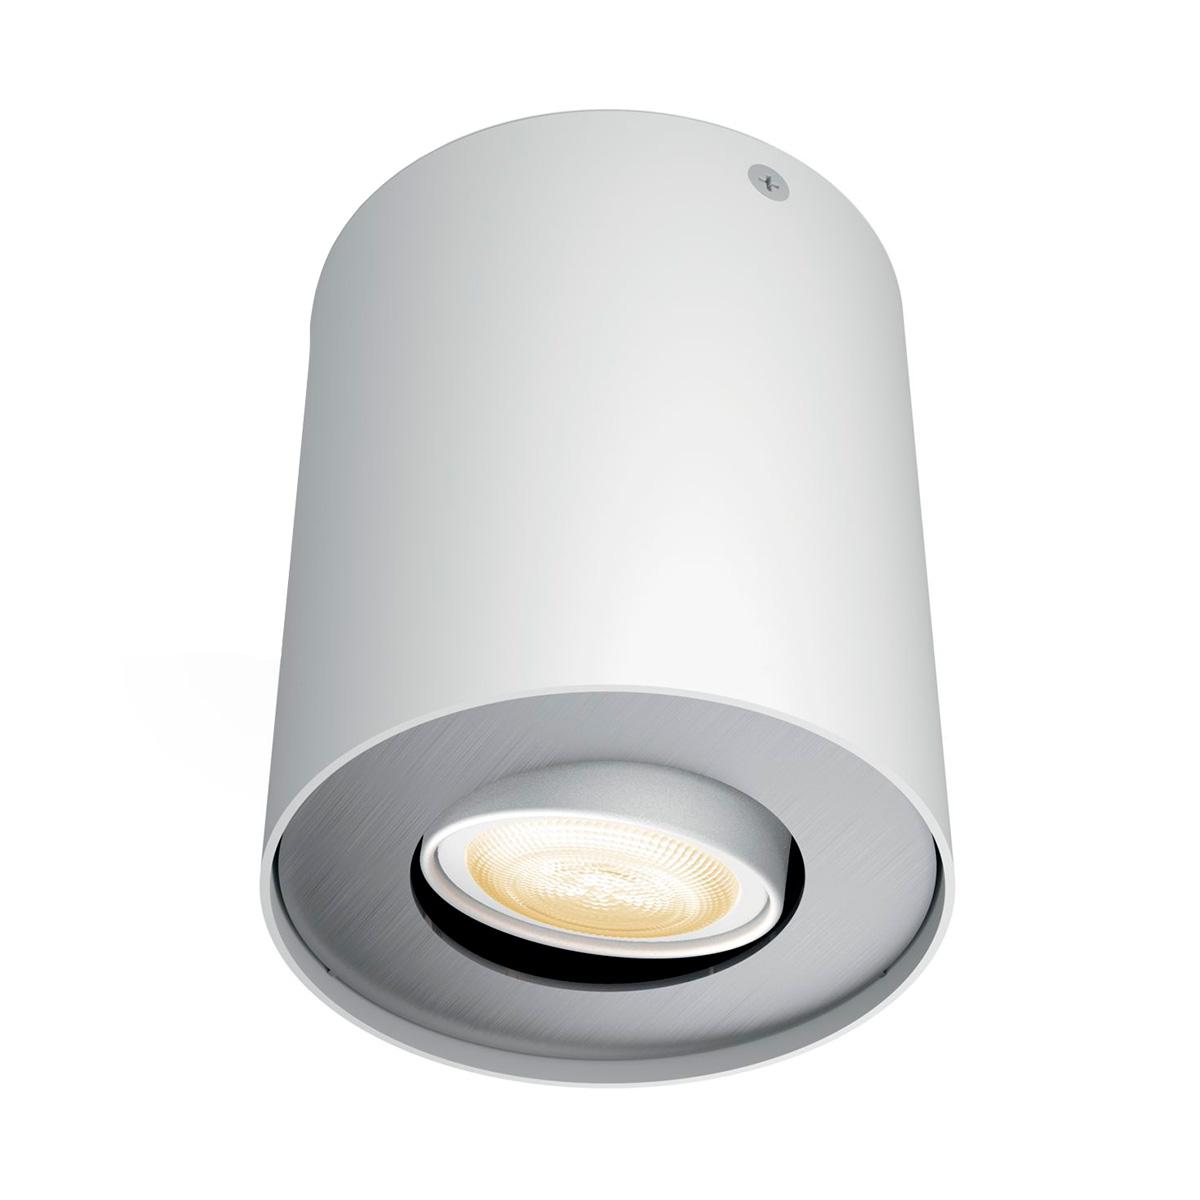 Billede af Philips Connected spot - White Ambiance - Pillar - Hvid